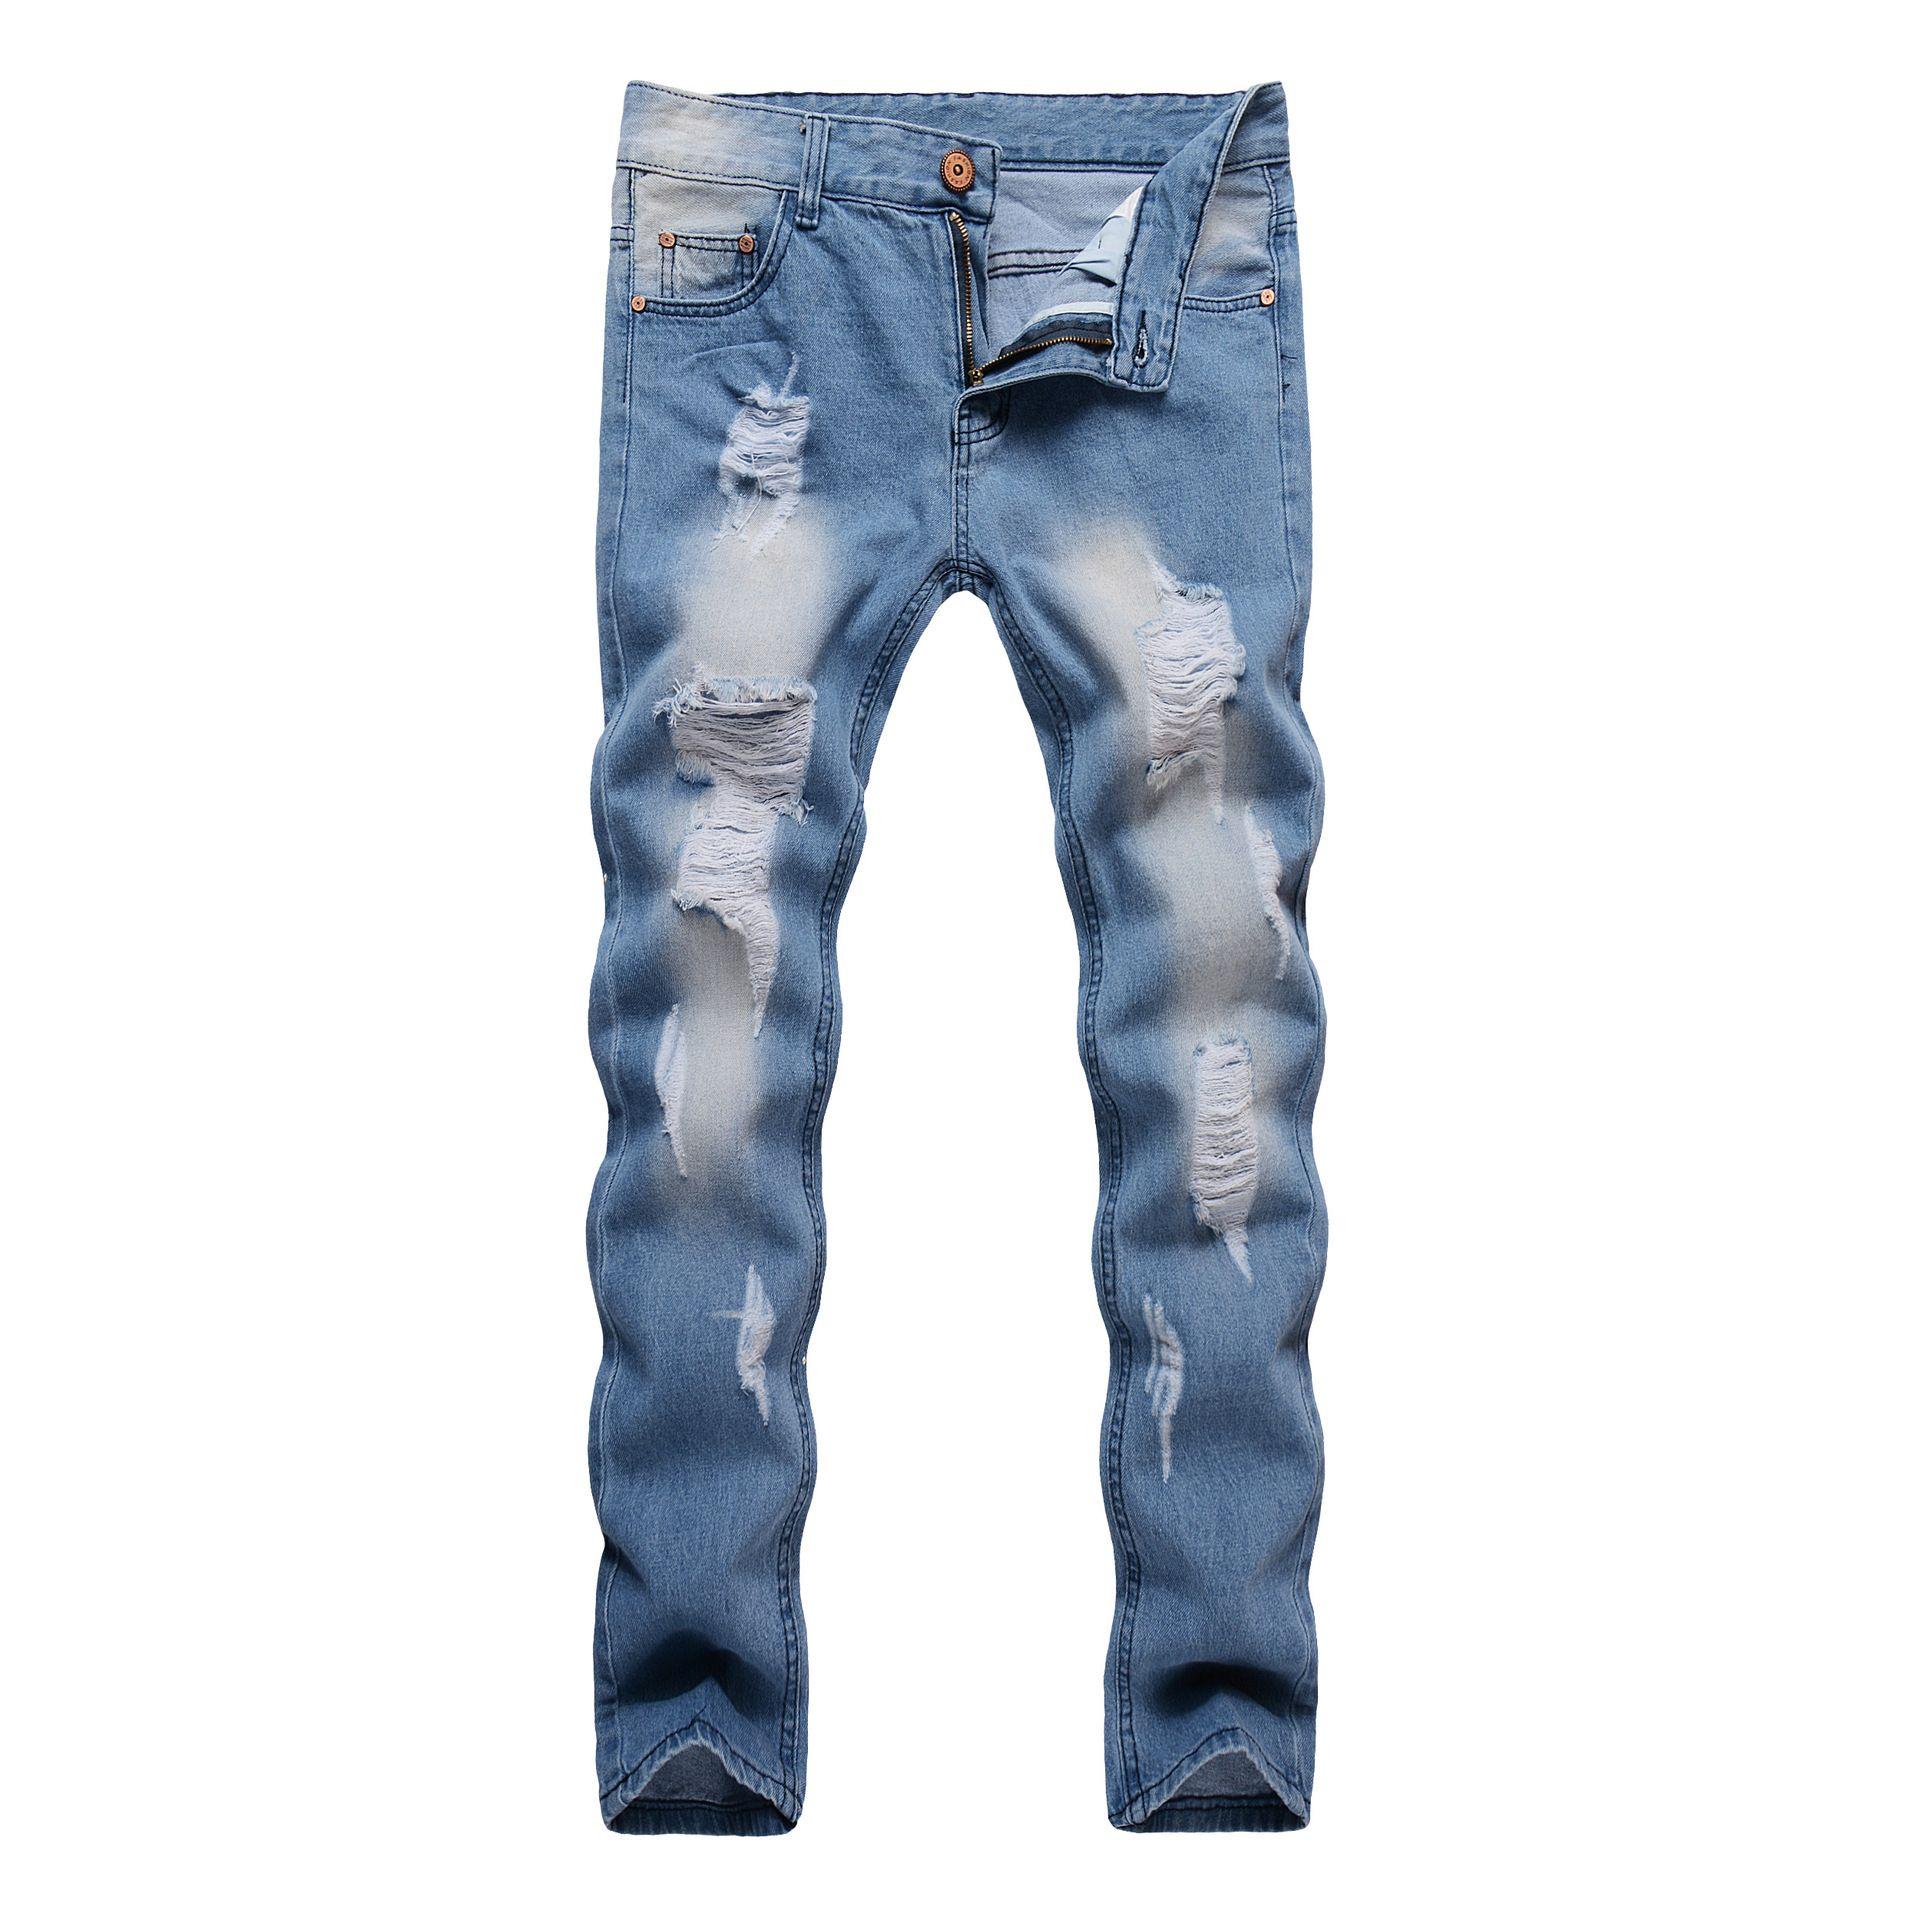 Skinny Déchirée Pour Acheter Hommes De Difficulté Créateur En Jeans tBsQrhdxC